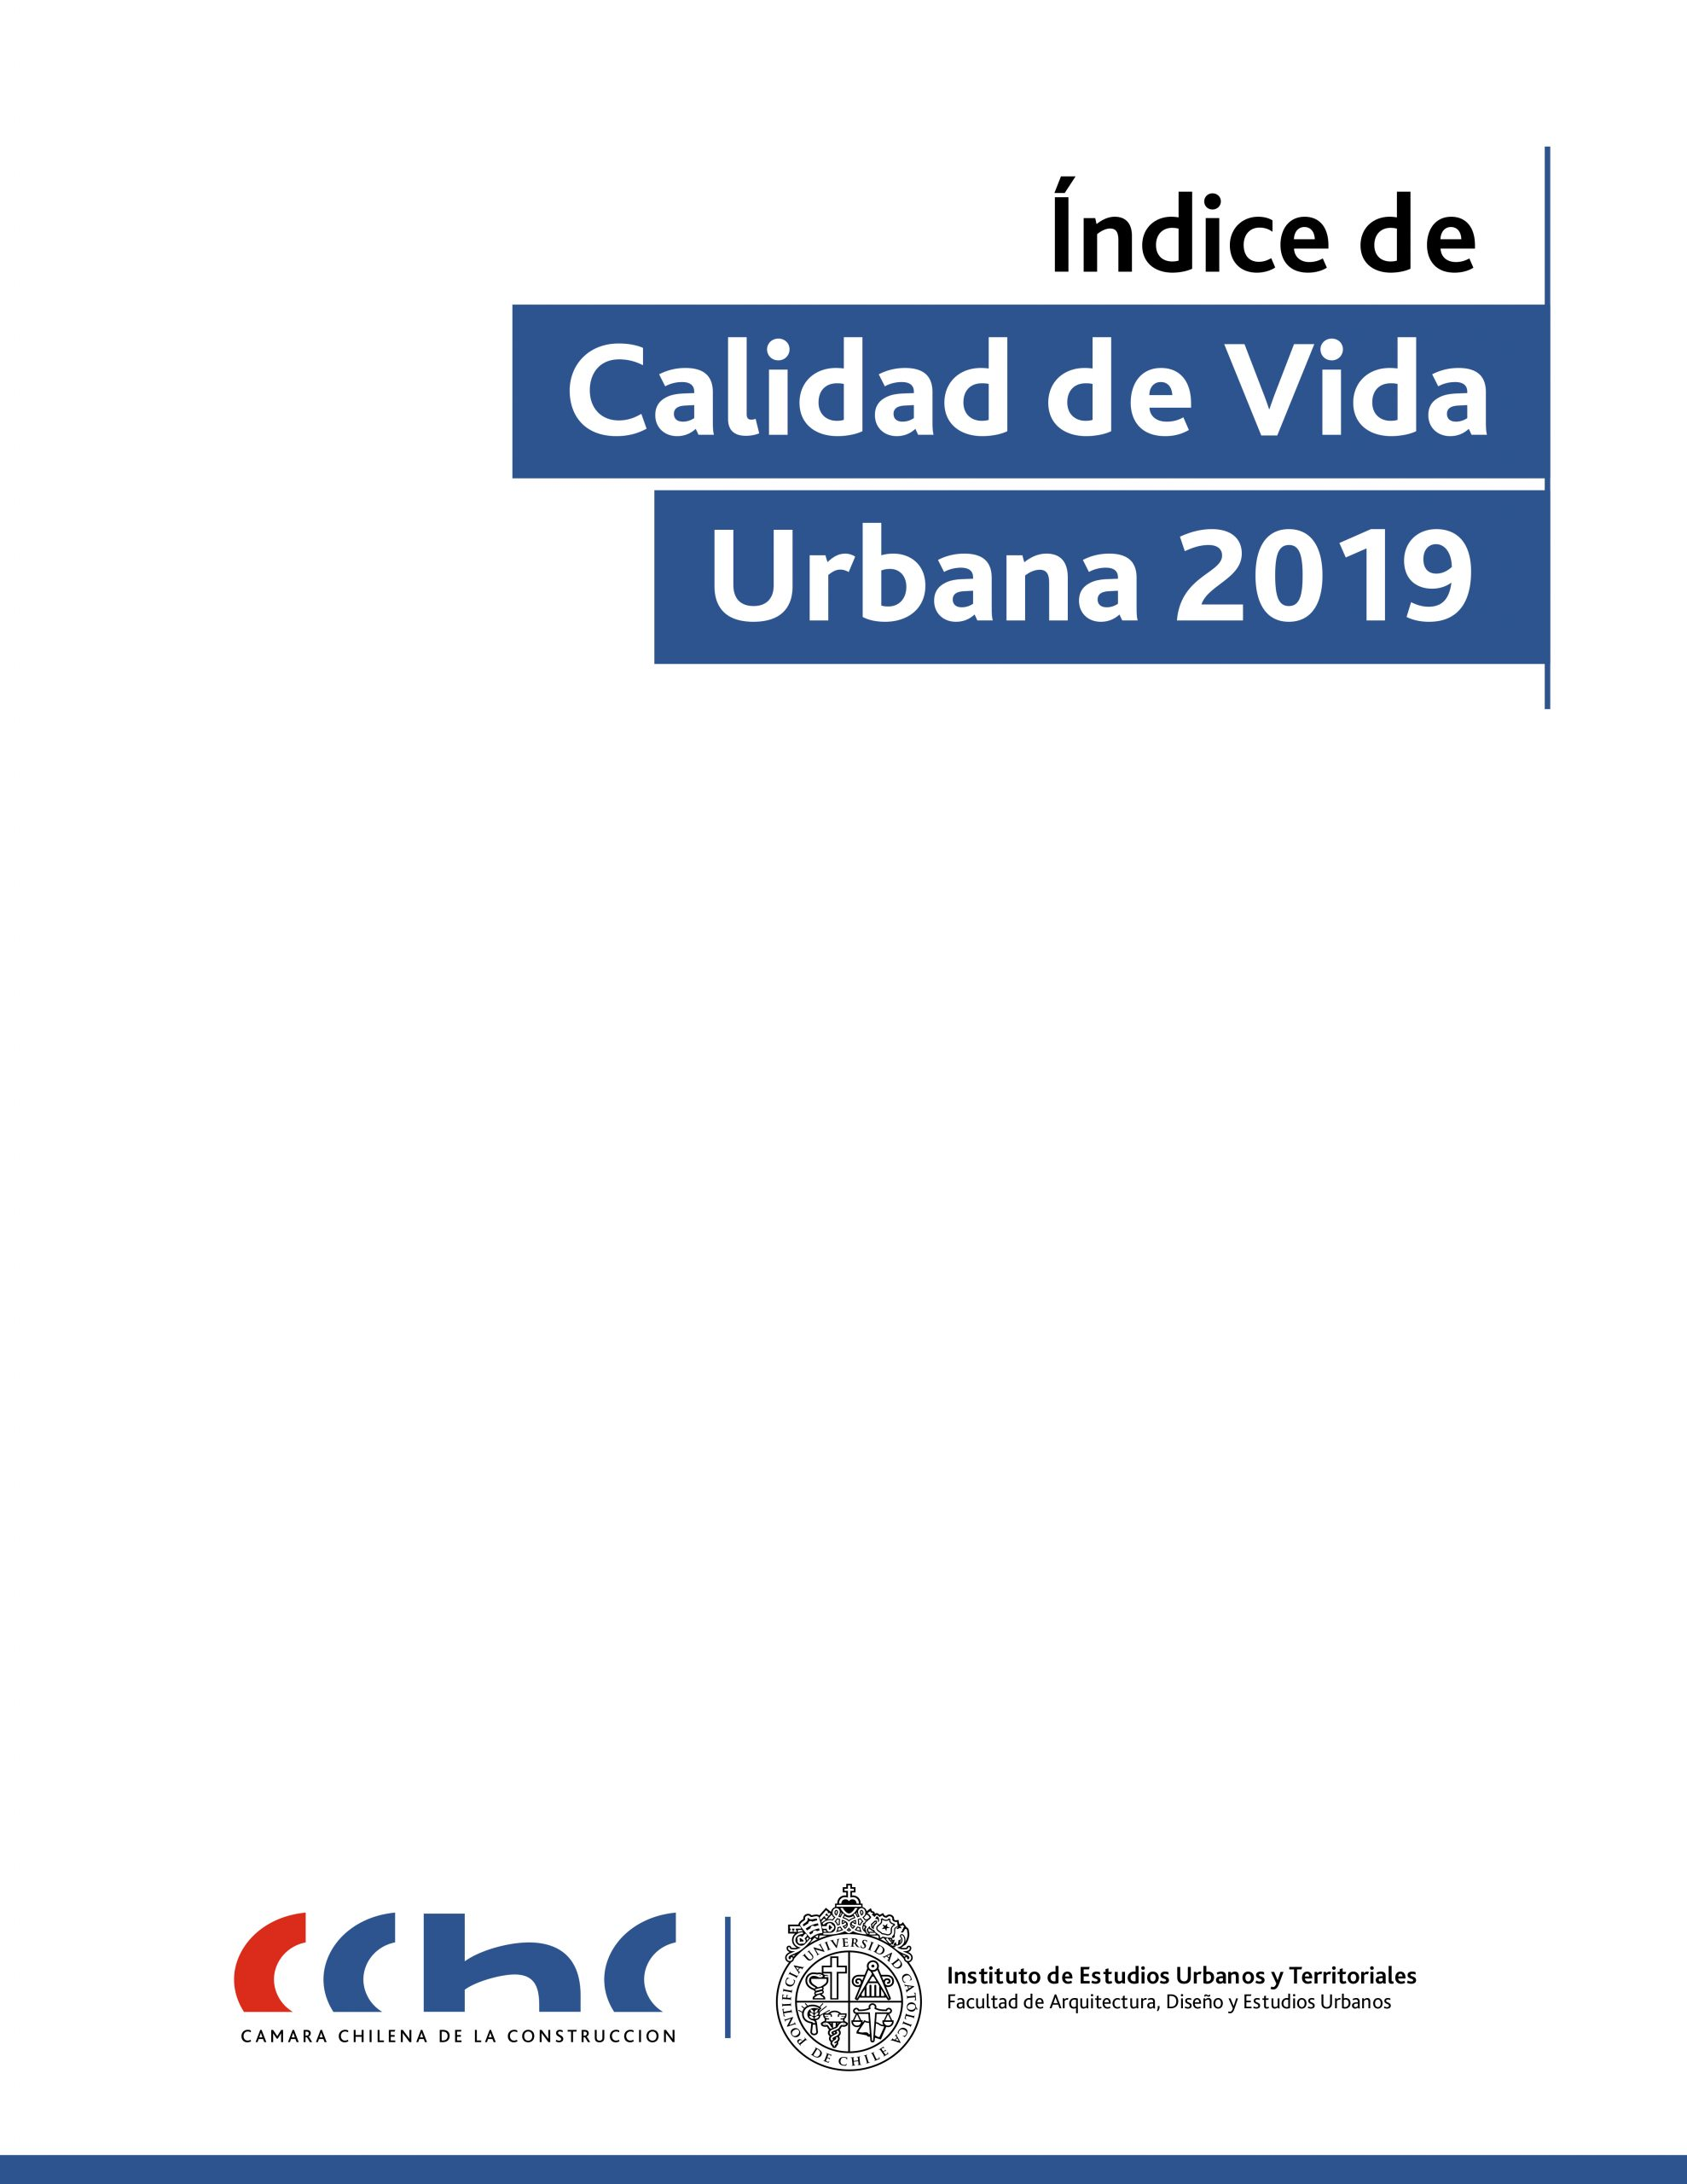 Índice de Calidad de Vida Urbano 2019 – ICVU